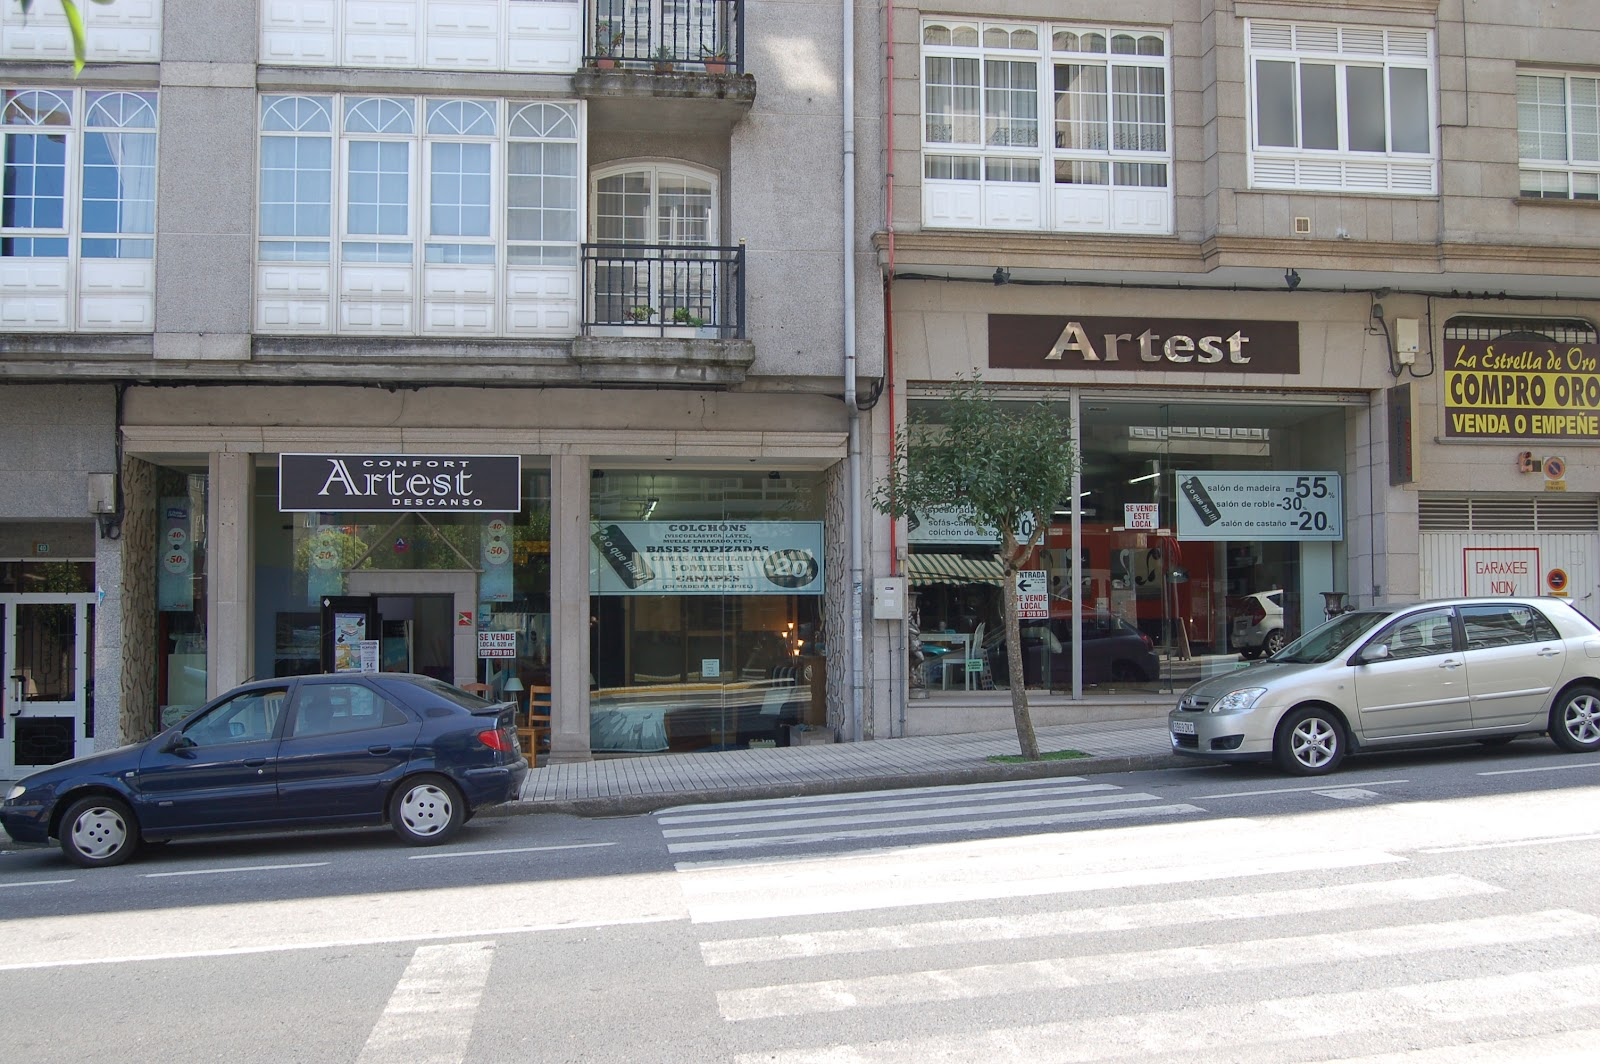 Tiendas De Muebles En Vigo Interesting With Tiendas De Muebles En  # Muebles Kibuc Ulla Vigo